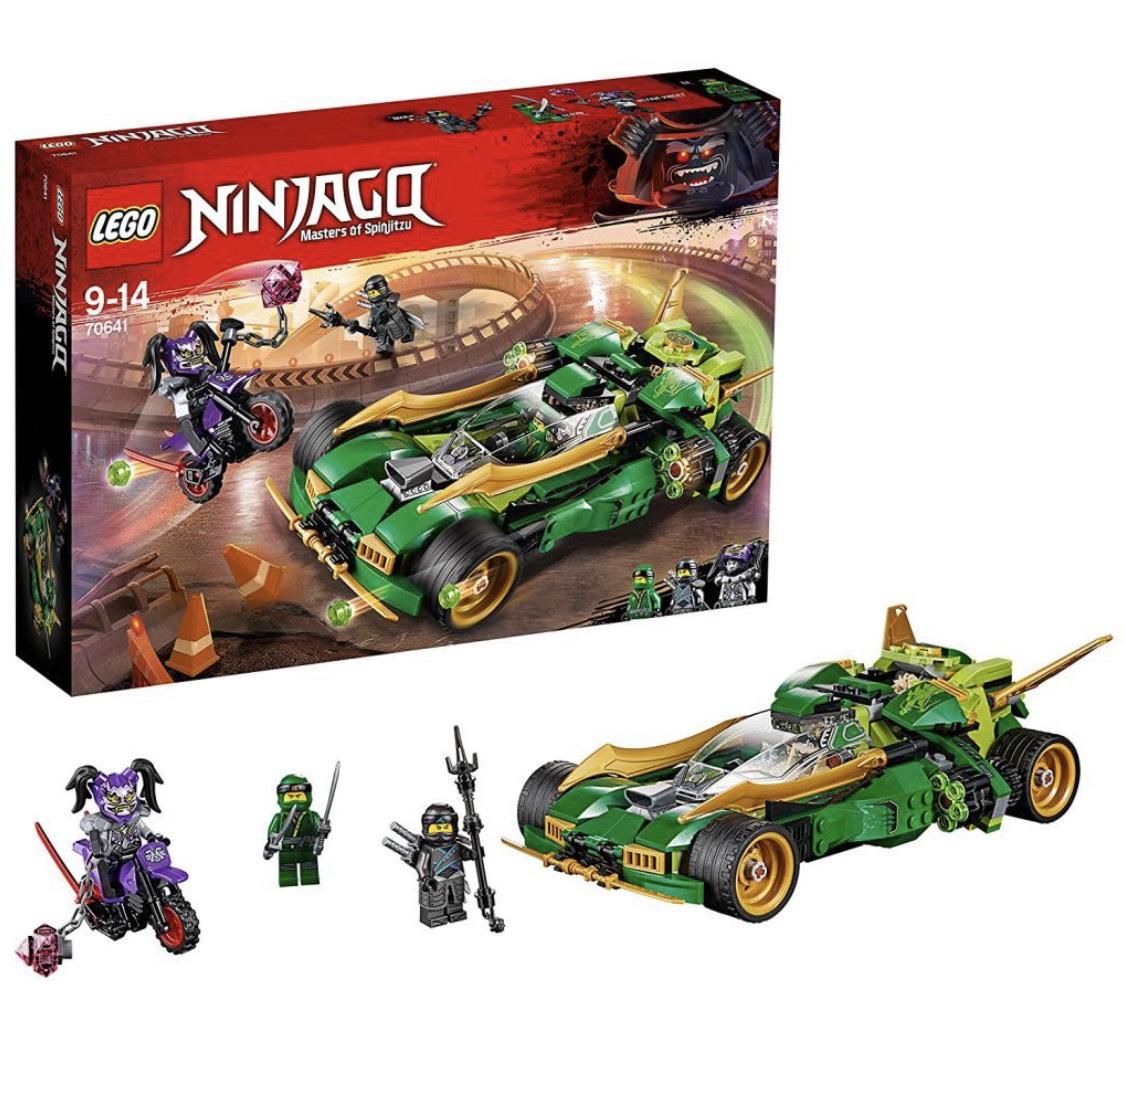 Lego Ninjago Nightcrawler Set £10.50 @ Sainsbury's (Crayford)